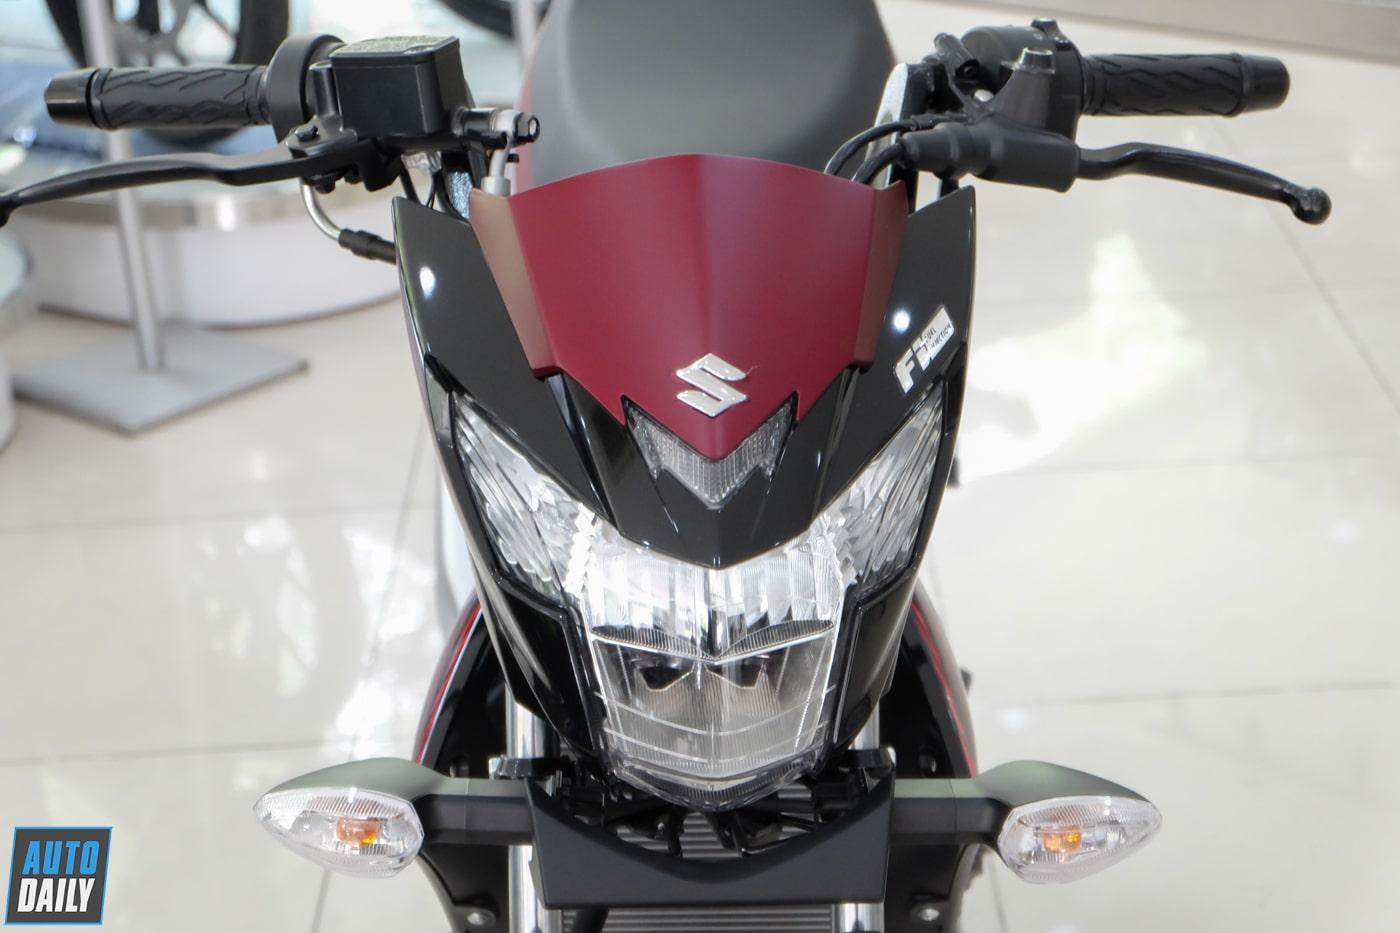 Cận cảnh Suzuki Satria F150 2021 giá gần 52 triệu đồng Suzuki-Satria-F150-2021 (16).JPG